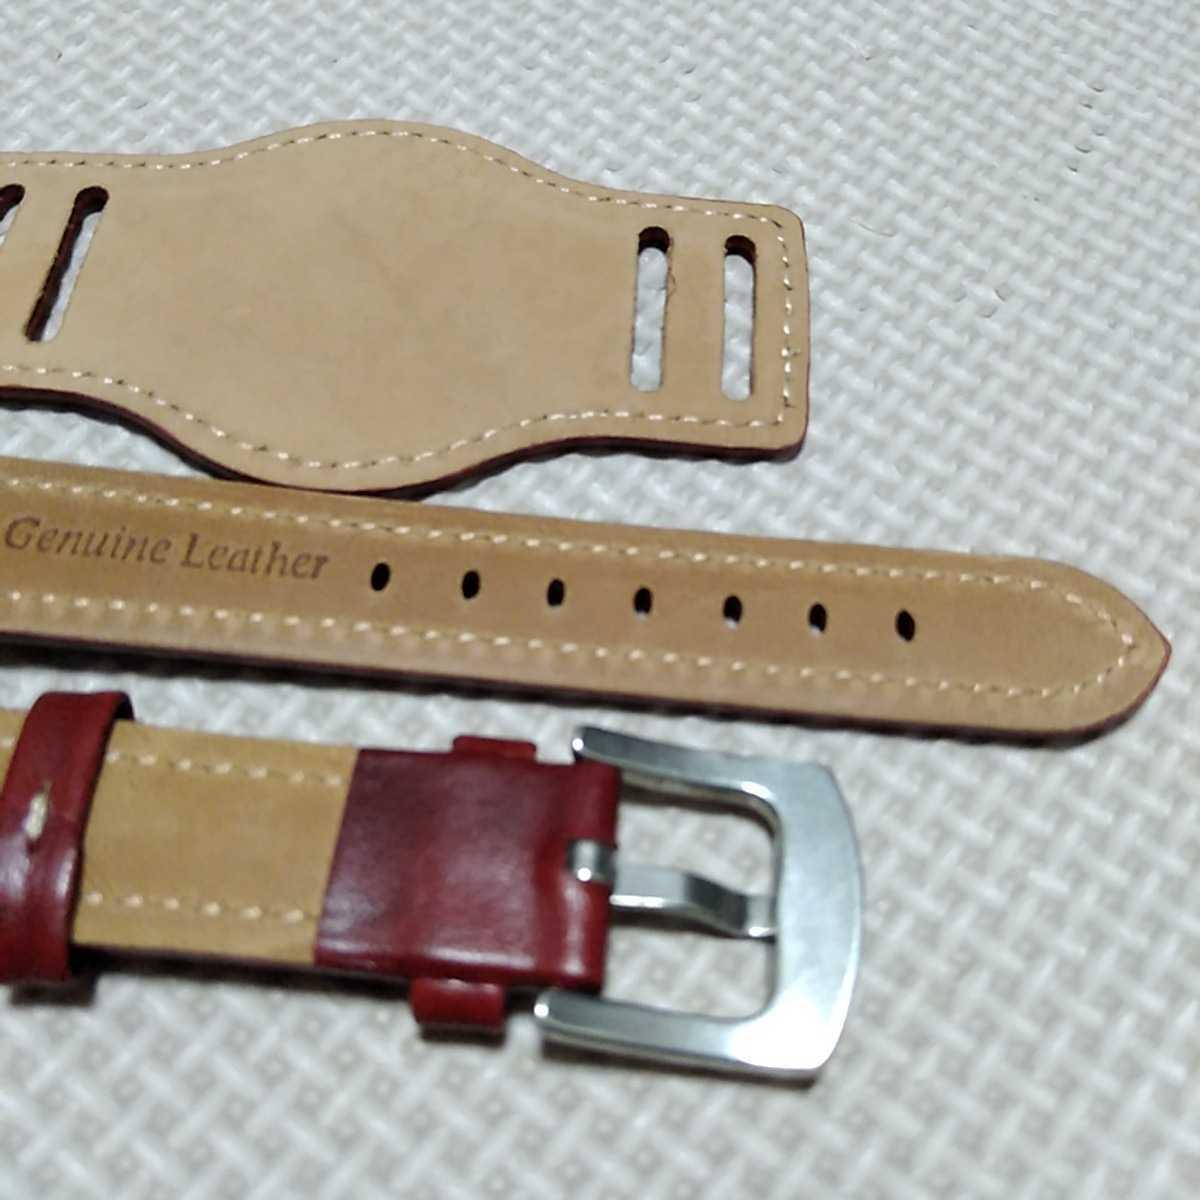 No54 ブンド BUND 本革レザーベルト 腕時計ベルト 交換用ストラップ レッド 18mm 未使用 高品質 ドイツパイロット 空軍_画像7